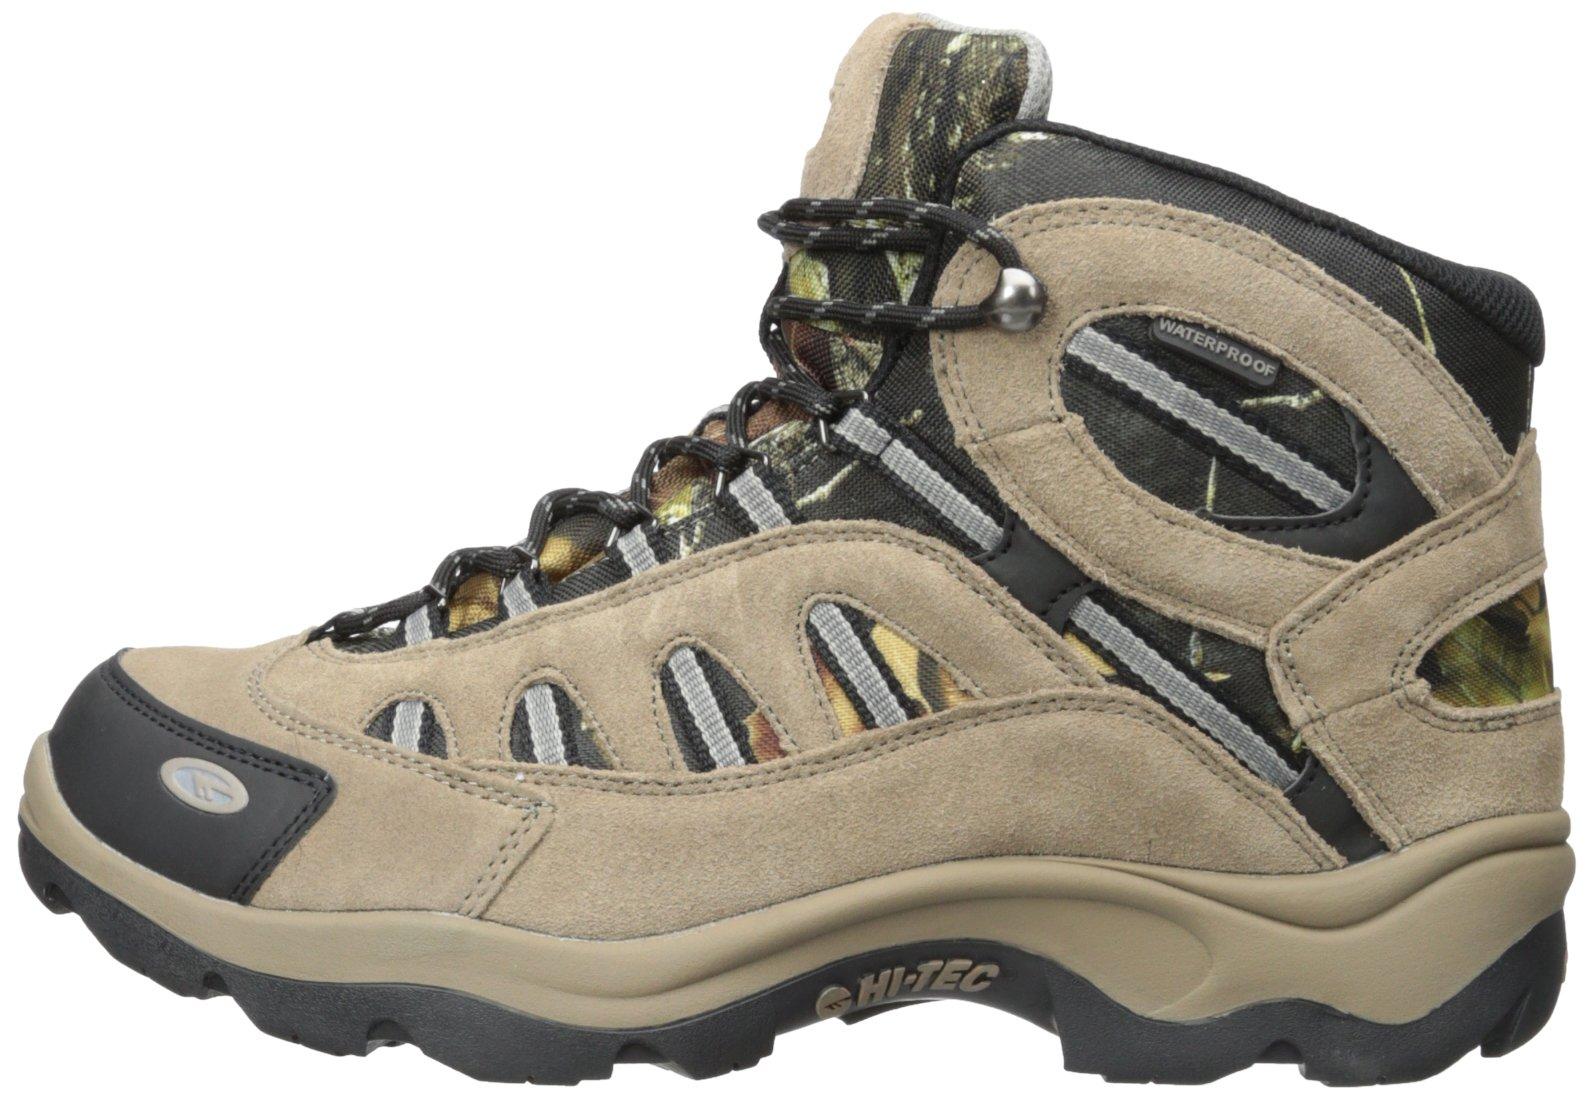 a3e96726863 Hi-Tec Men's Bandera Mid Waterproof Hiking Boot